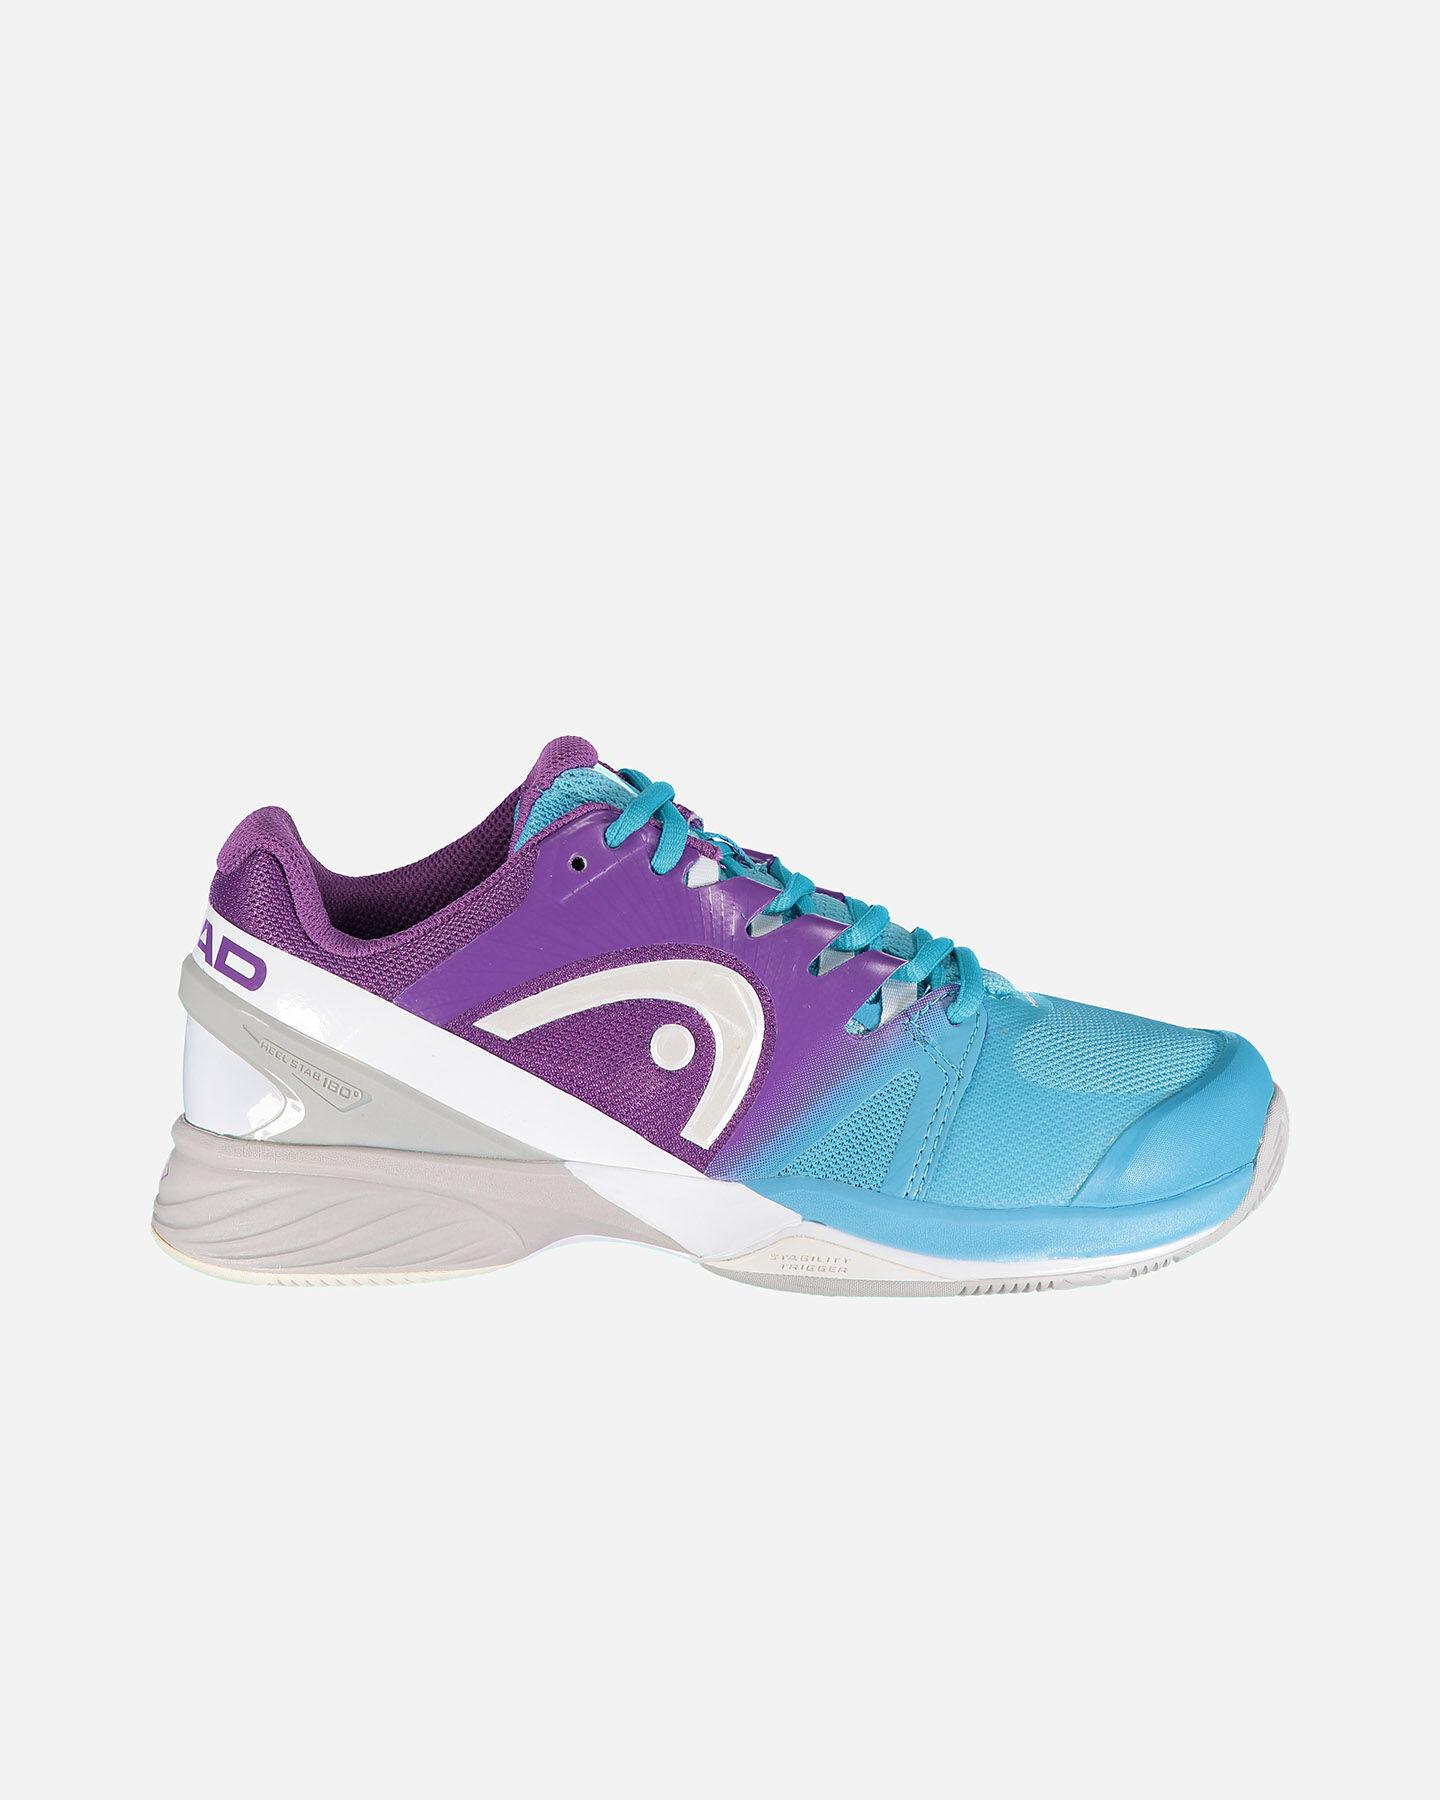 Acquista nike cortez scarpe OFF64% sconti